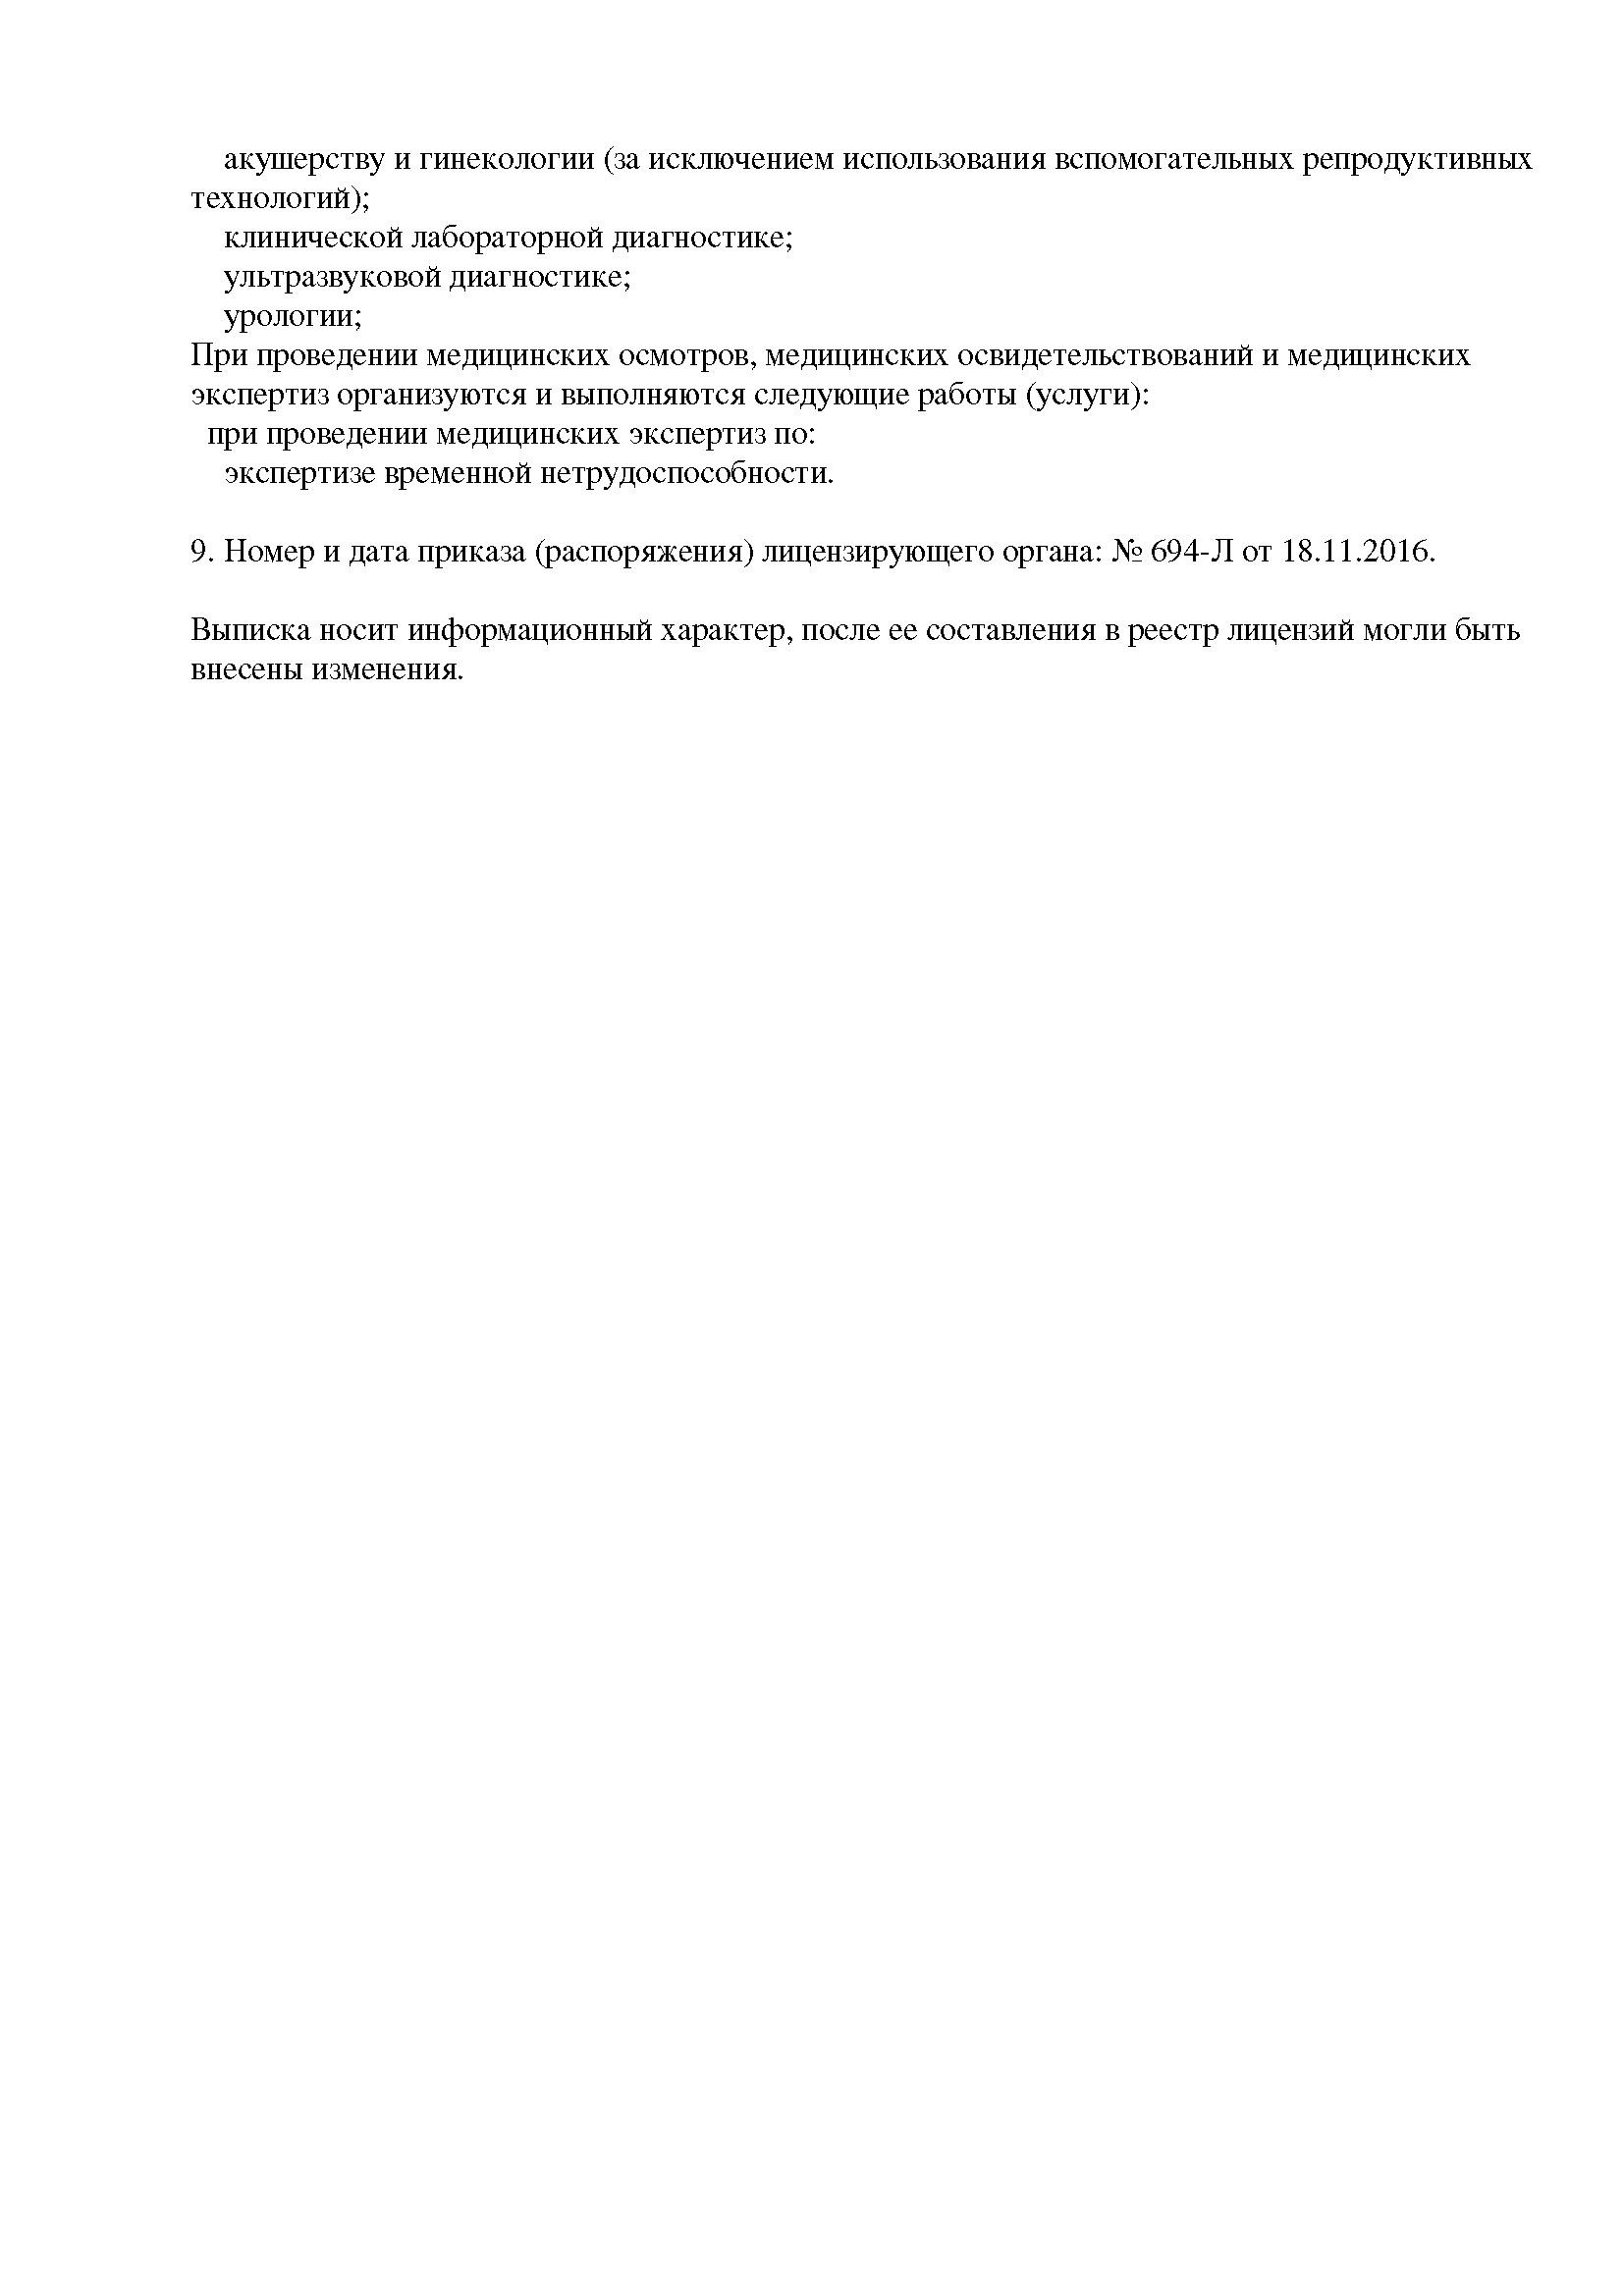 Выписка из реестра ООО «Евроклиник» - страница 2